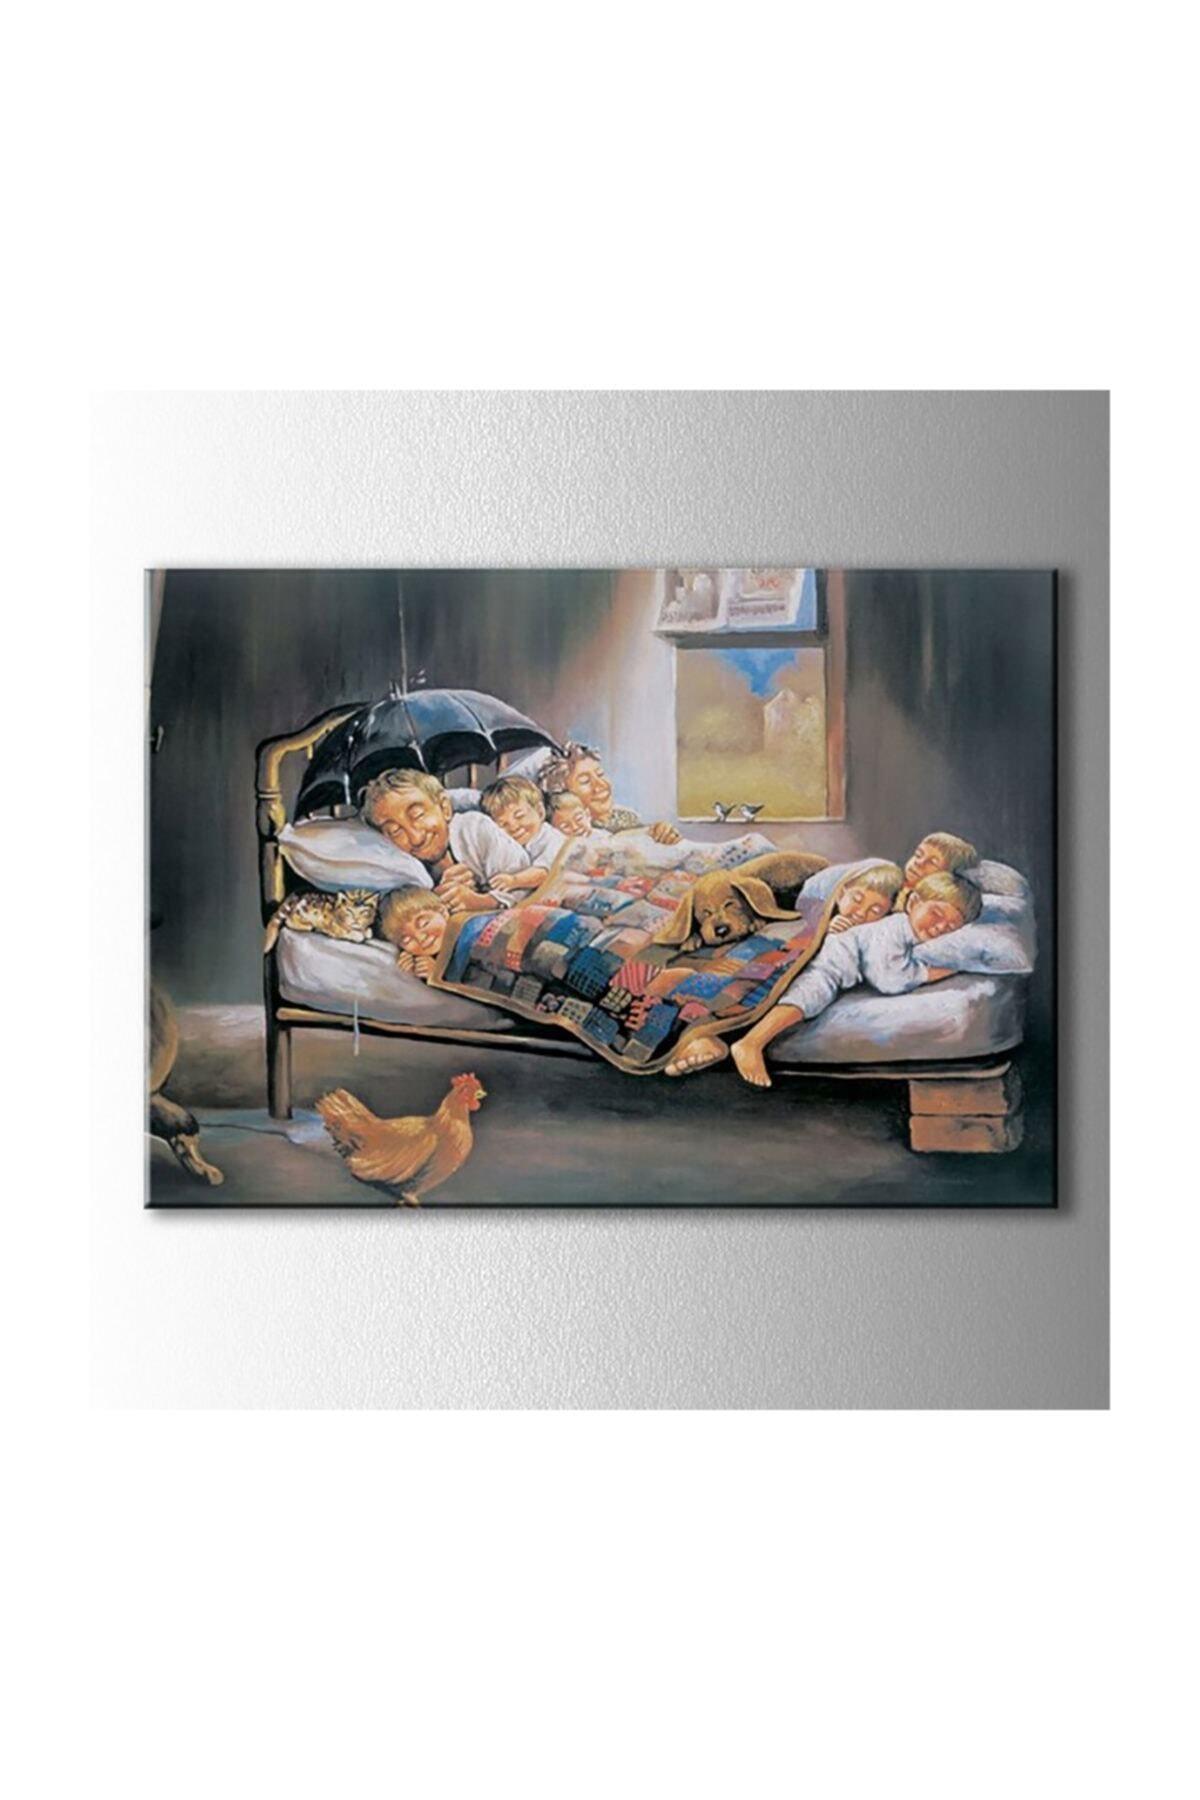 Kanvas Tablo Ledli Mutluluğun Resmi Duvar Dekorasyon Moda Işıklı Tablo 60 X 90 Cm